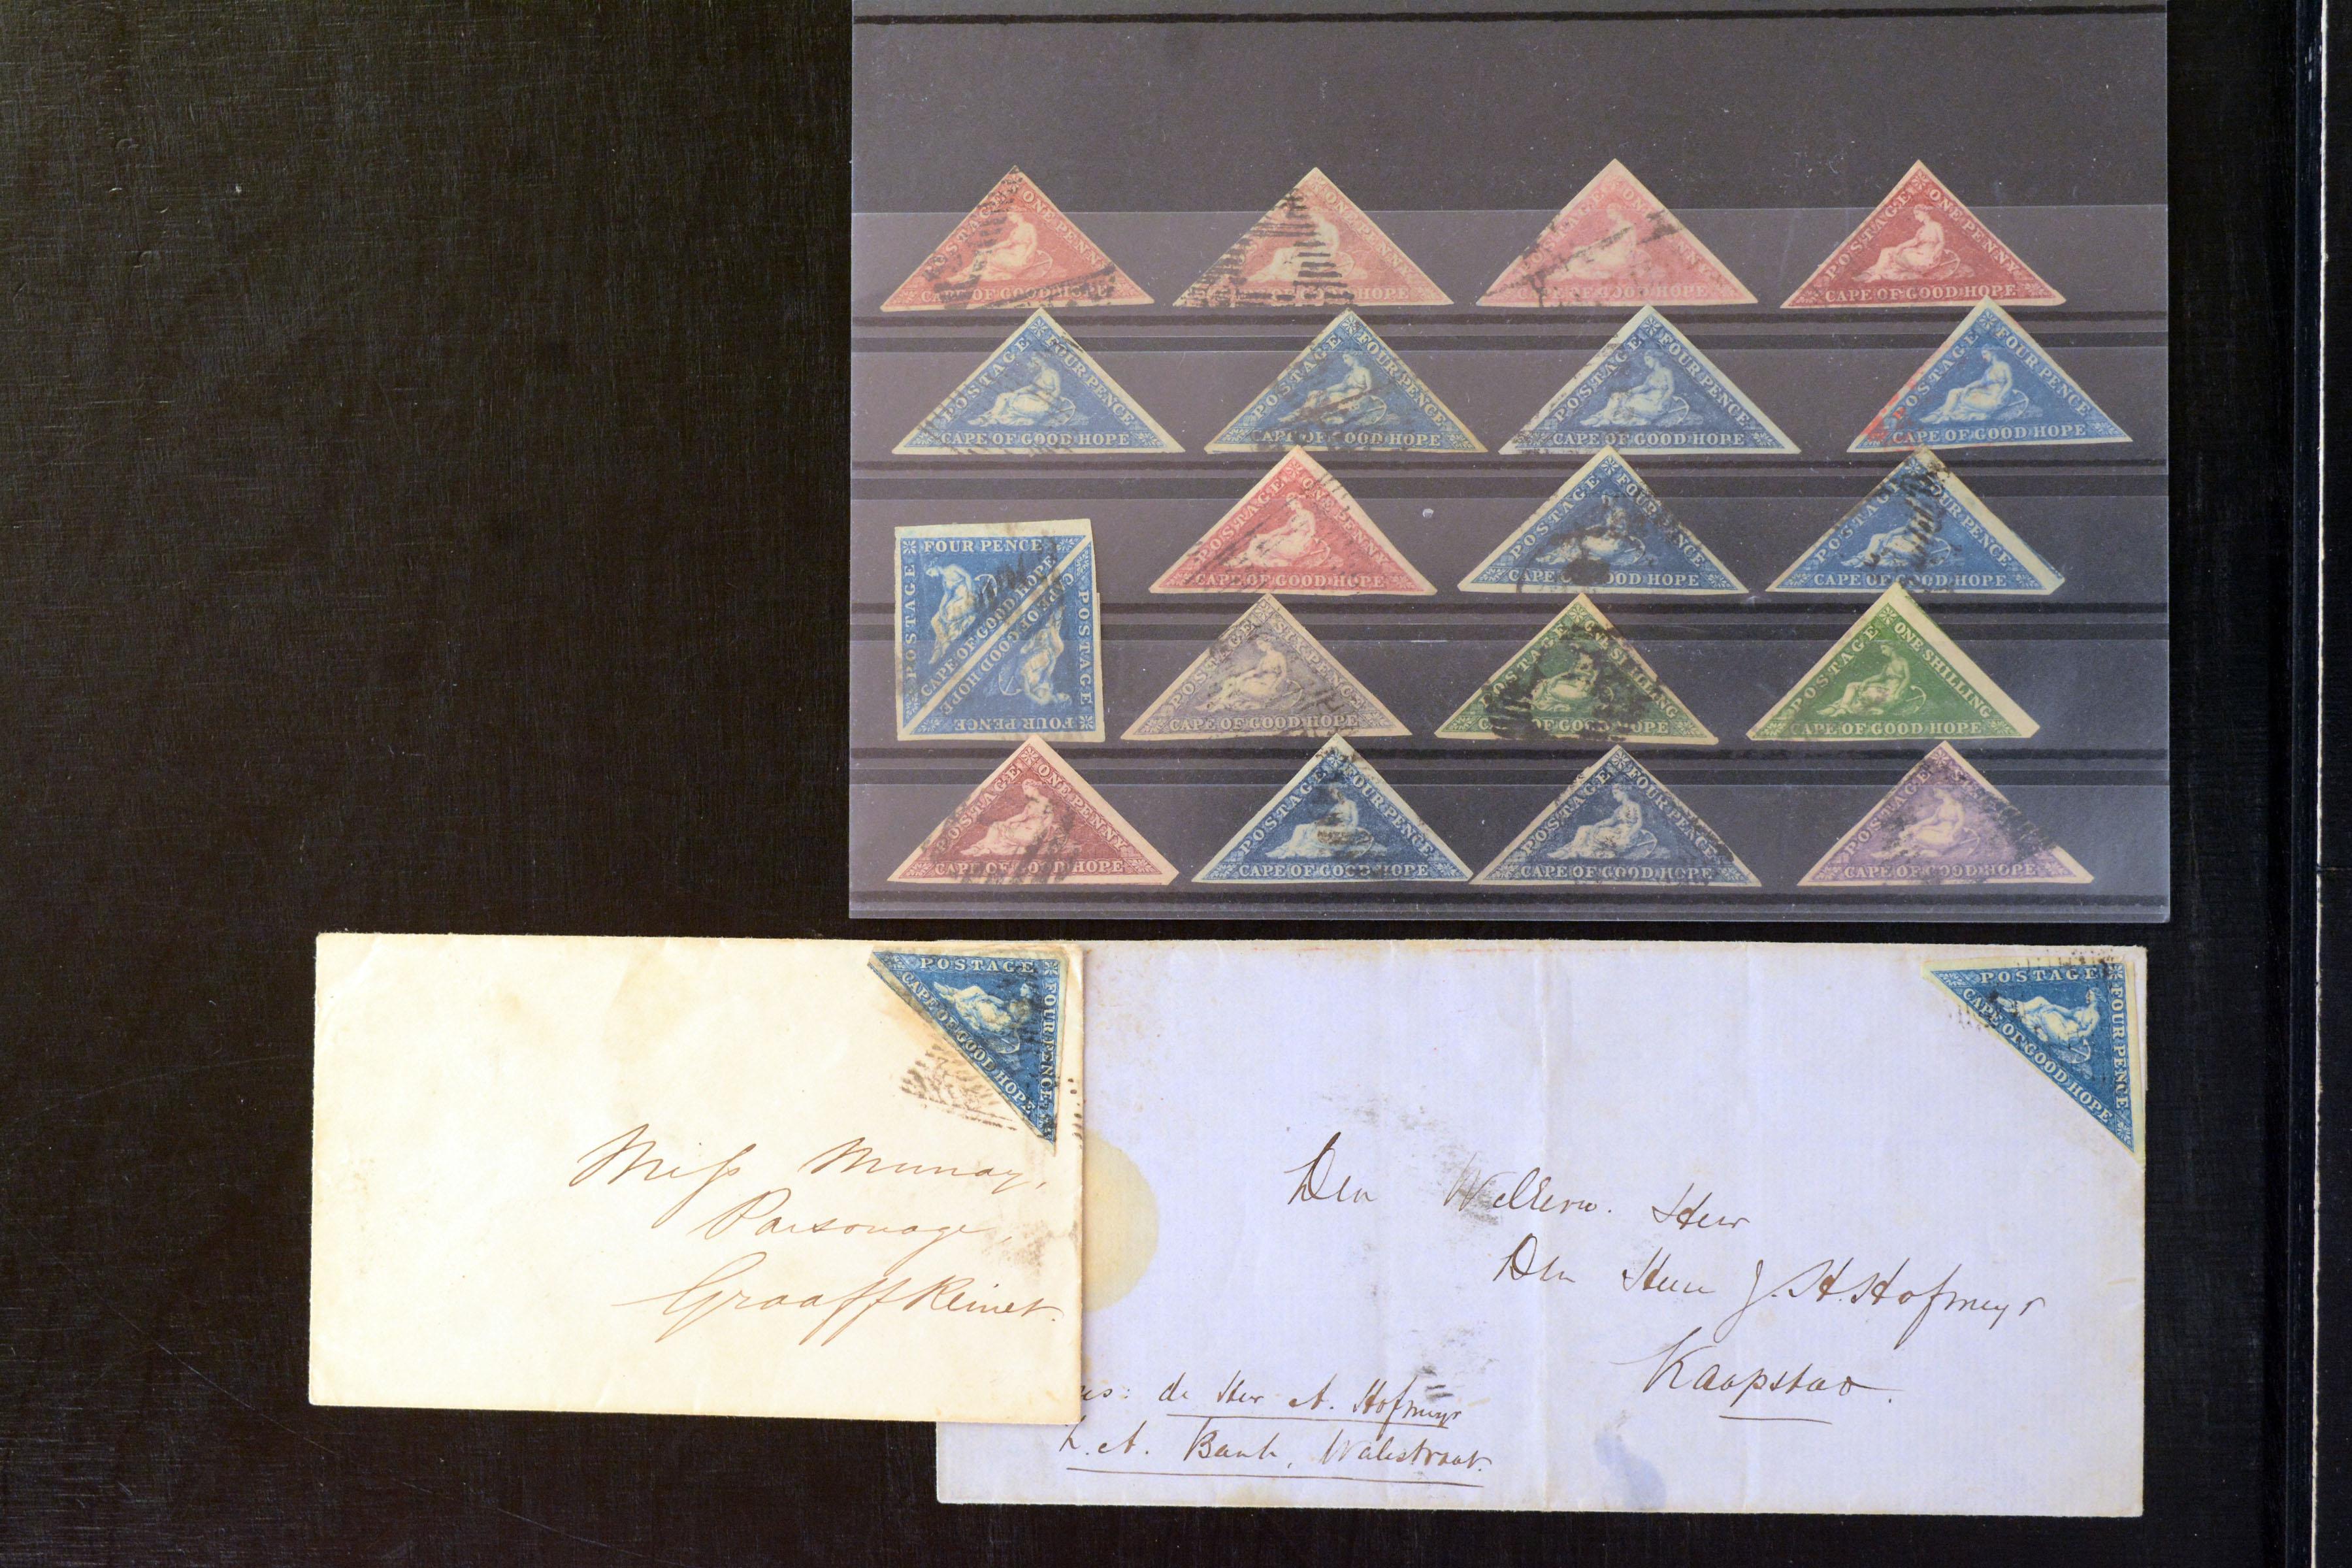 Lot 4174 - British Commonwealth cape of good hope -  Heinrich Koehler Auktionen Auction #368- Day 3